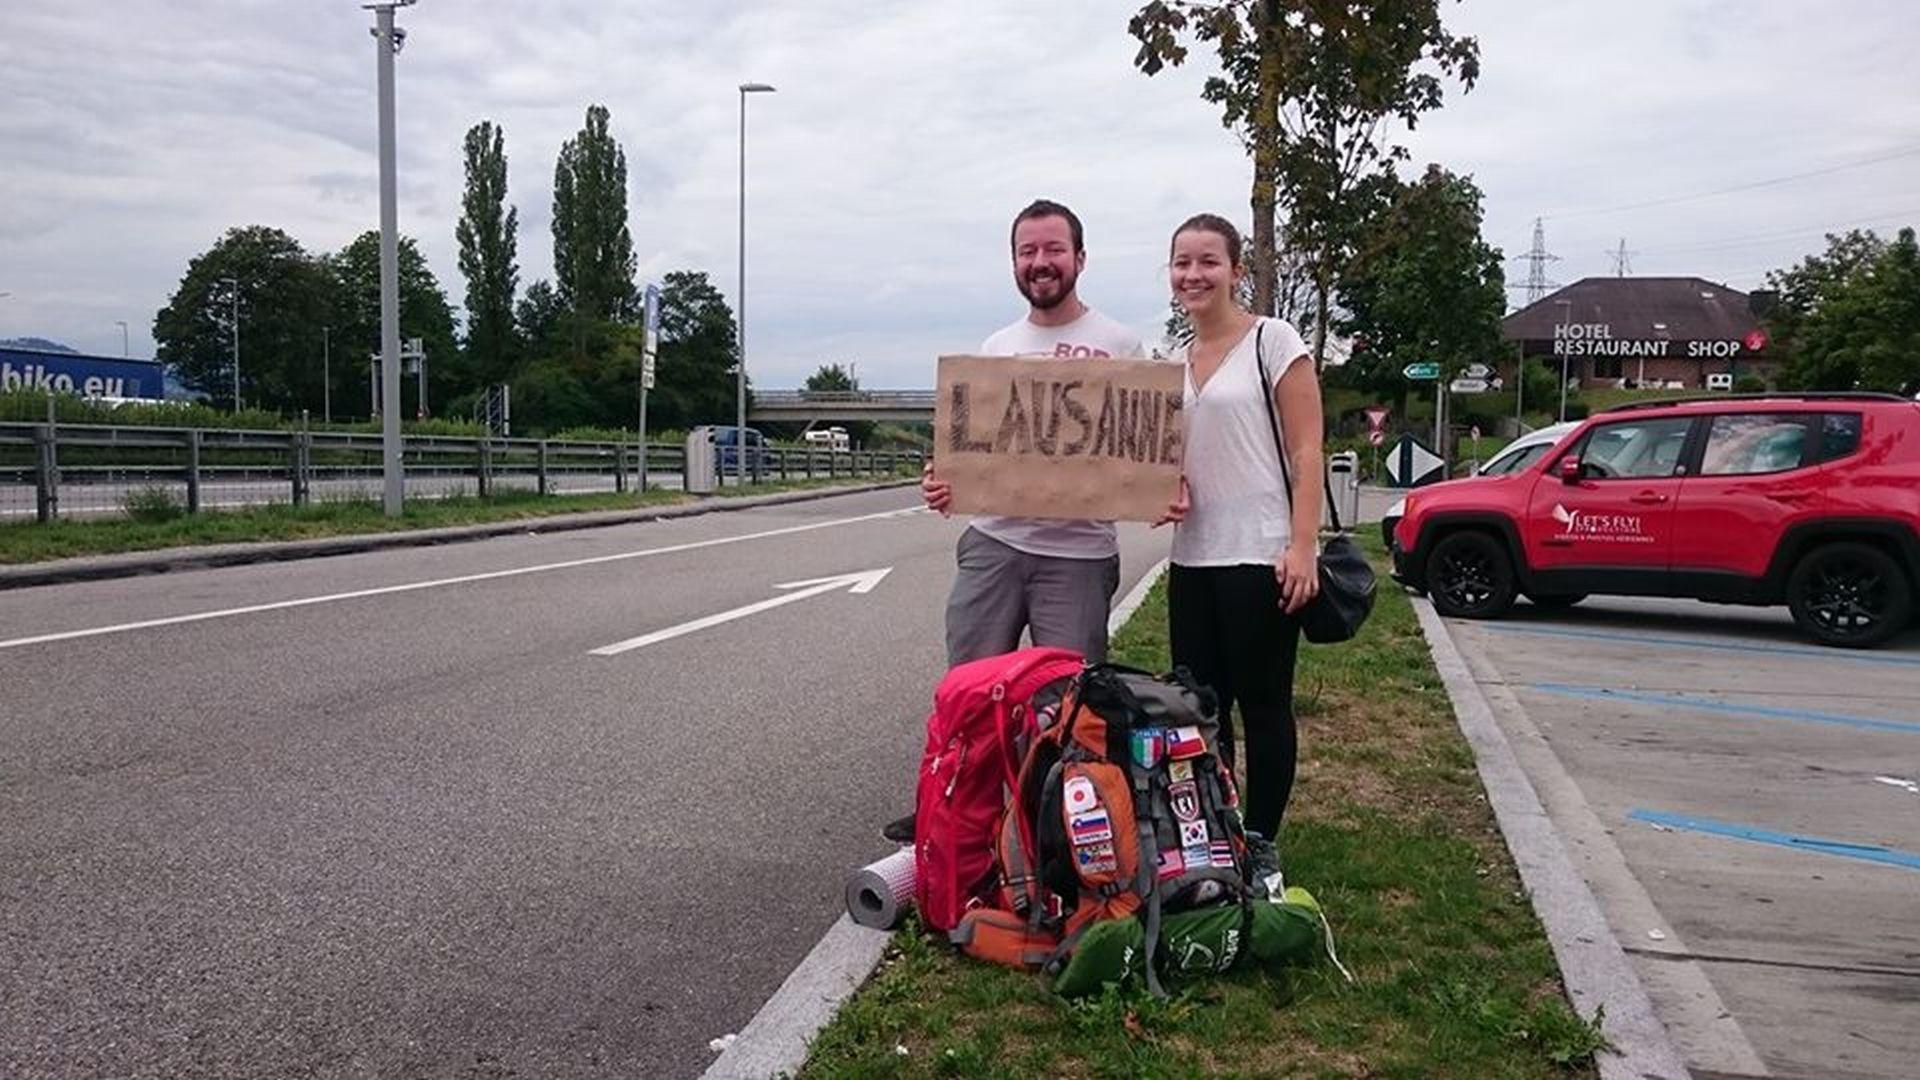 A caminho de Lausanne com a irmã, Fernanda Eisfeld, também de carona. Foto: acervo pessoal.